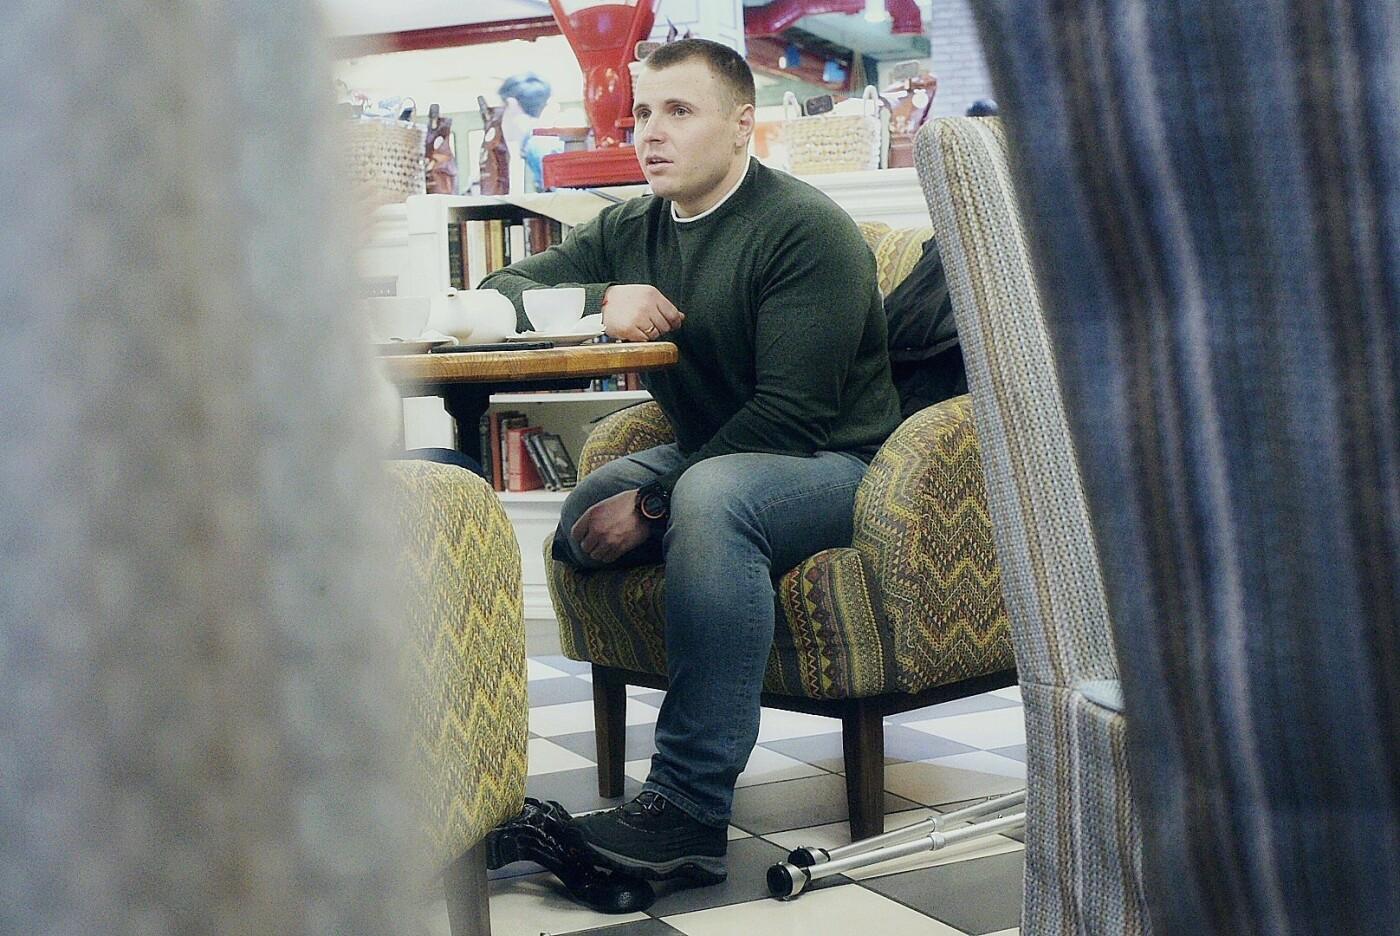 «Я не ограничен». Как живётся спортсмену без ноги в Белгороде, фото-1